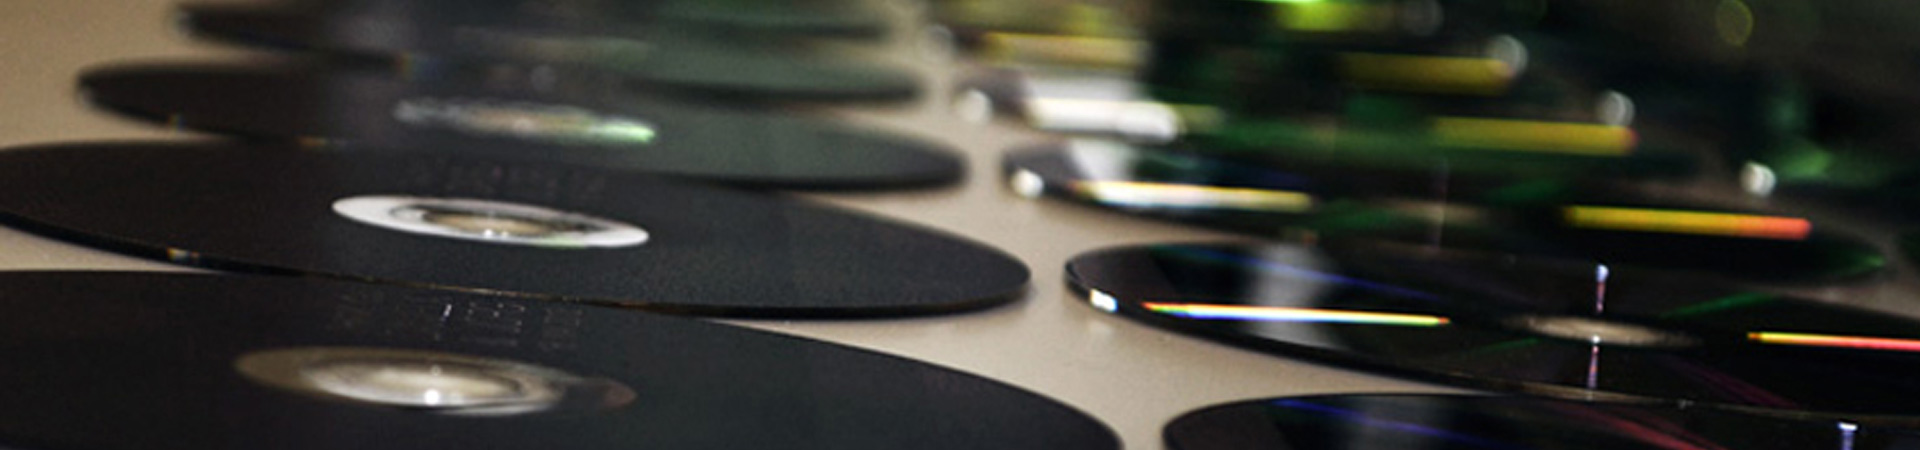 Blu-ray-Produktion nach höchsten Standards